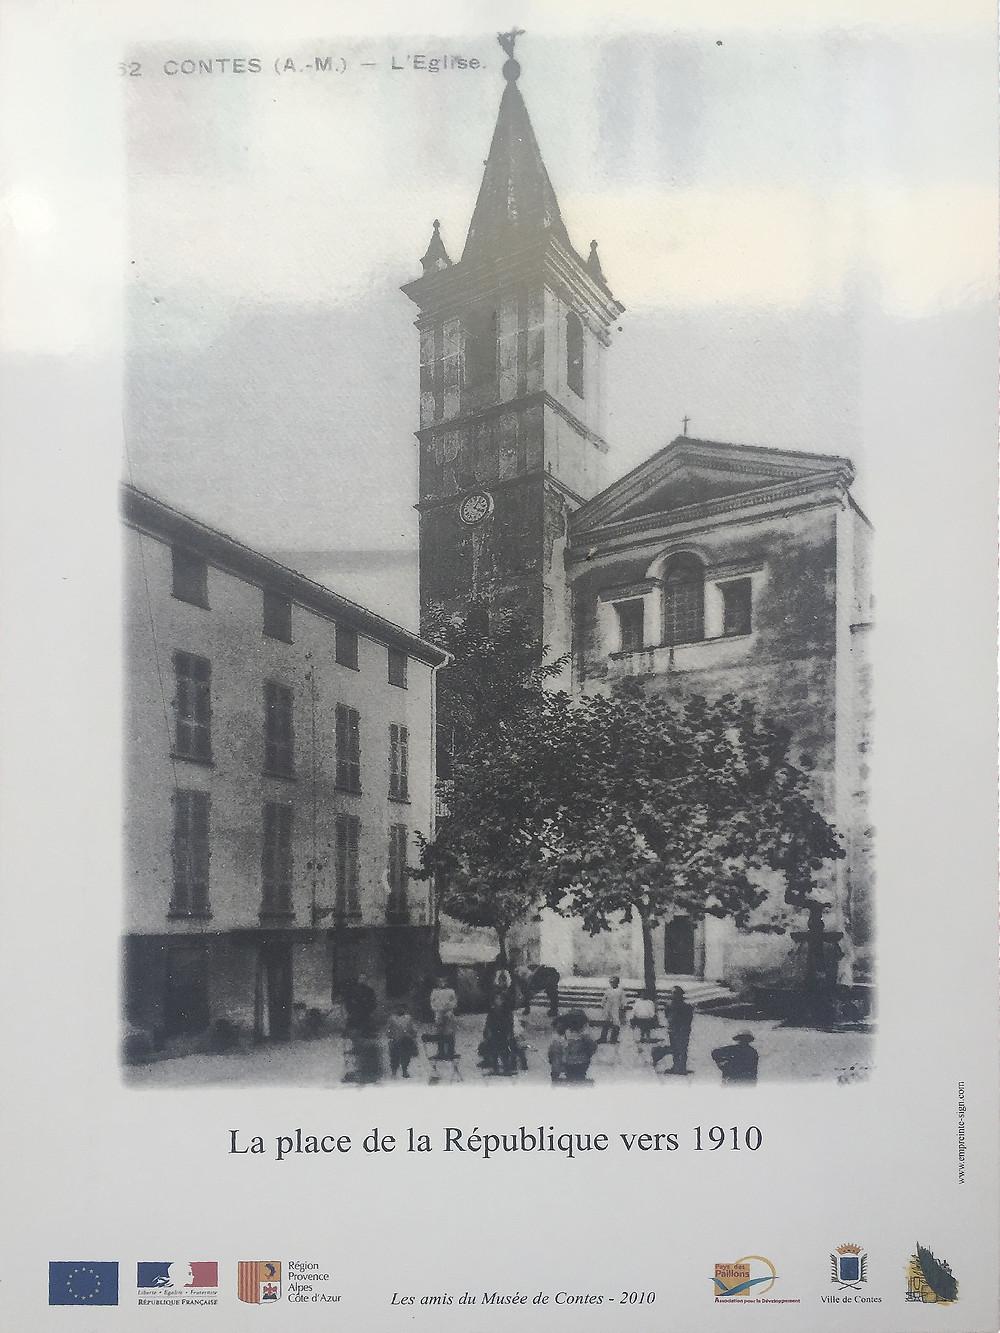 carte postale de la place de la république vers 1910